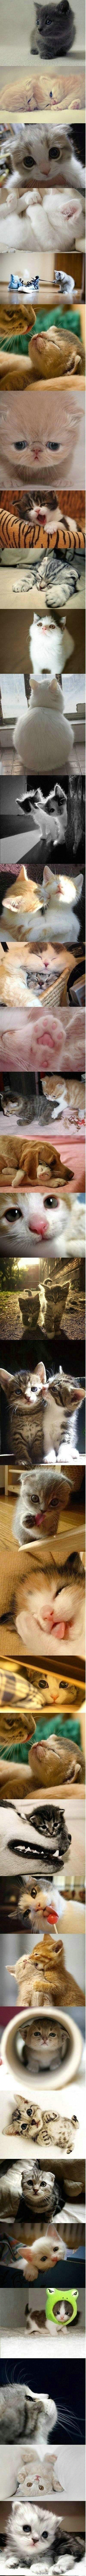 : I Love Cats, Kitty Cats, Animals, So Cute, Kitty Kitty, Crazy Cat, Cute Kittens, Cat Lady